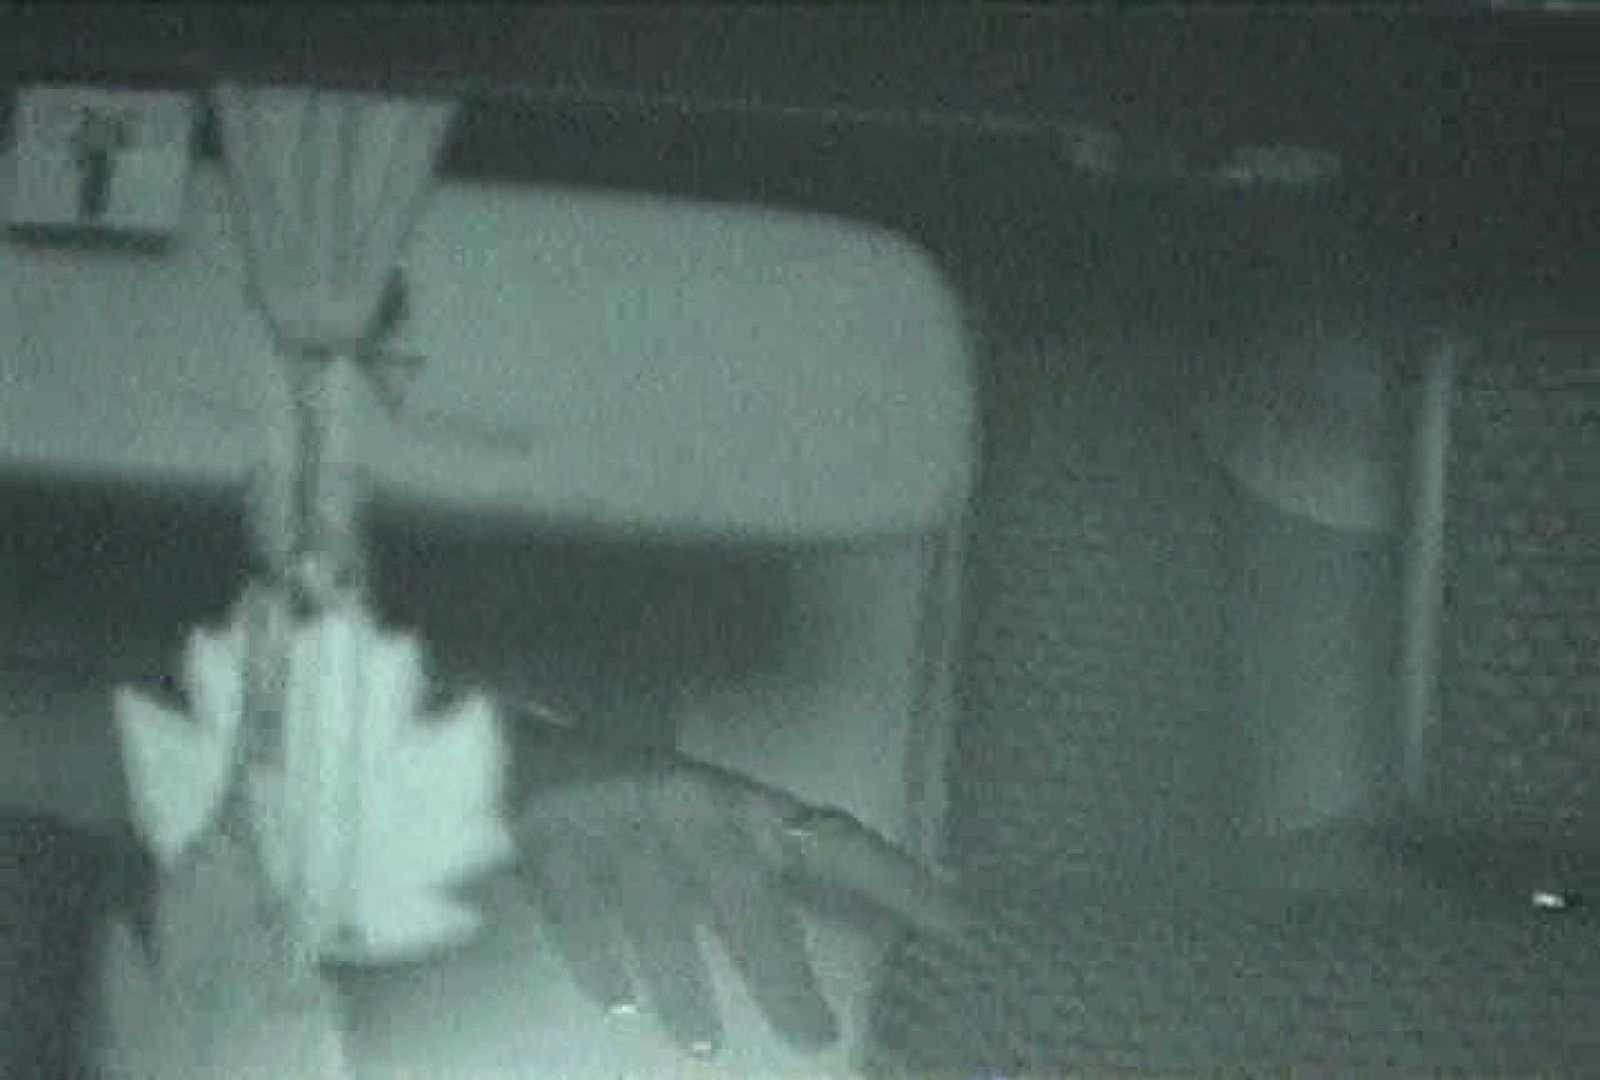 充血監督の深夜の運動会Vol.99 エッチなセックス AV無料動画キャプチャ 87画像 11